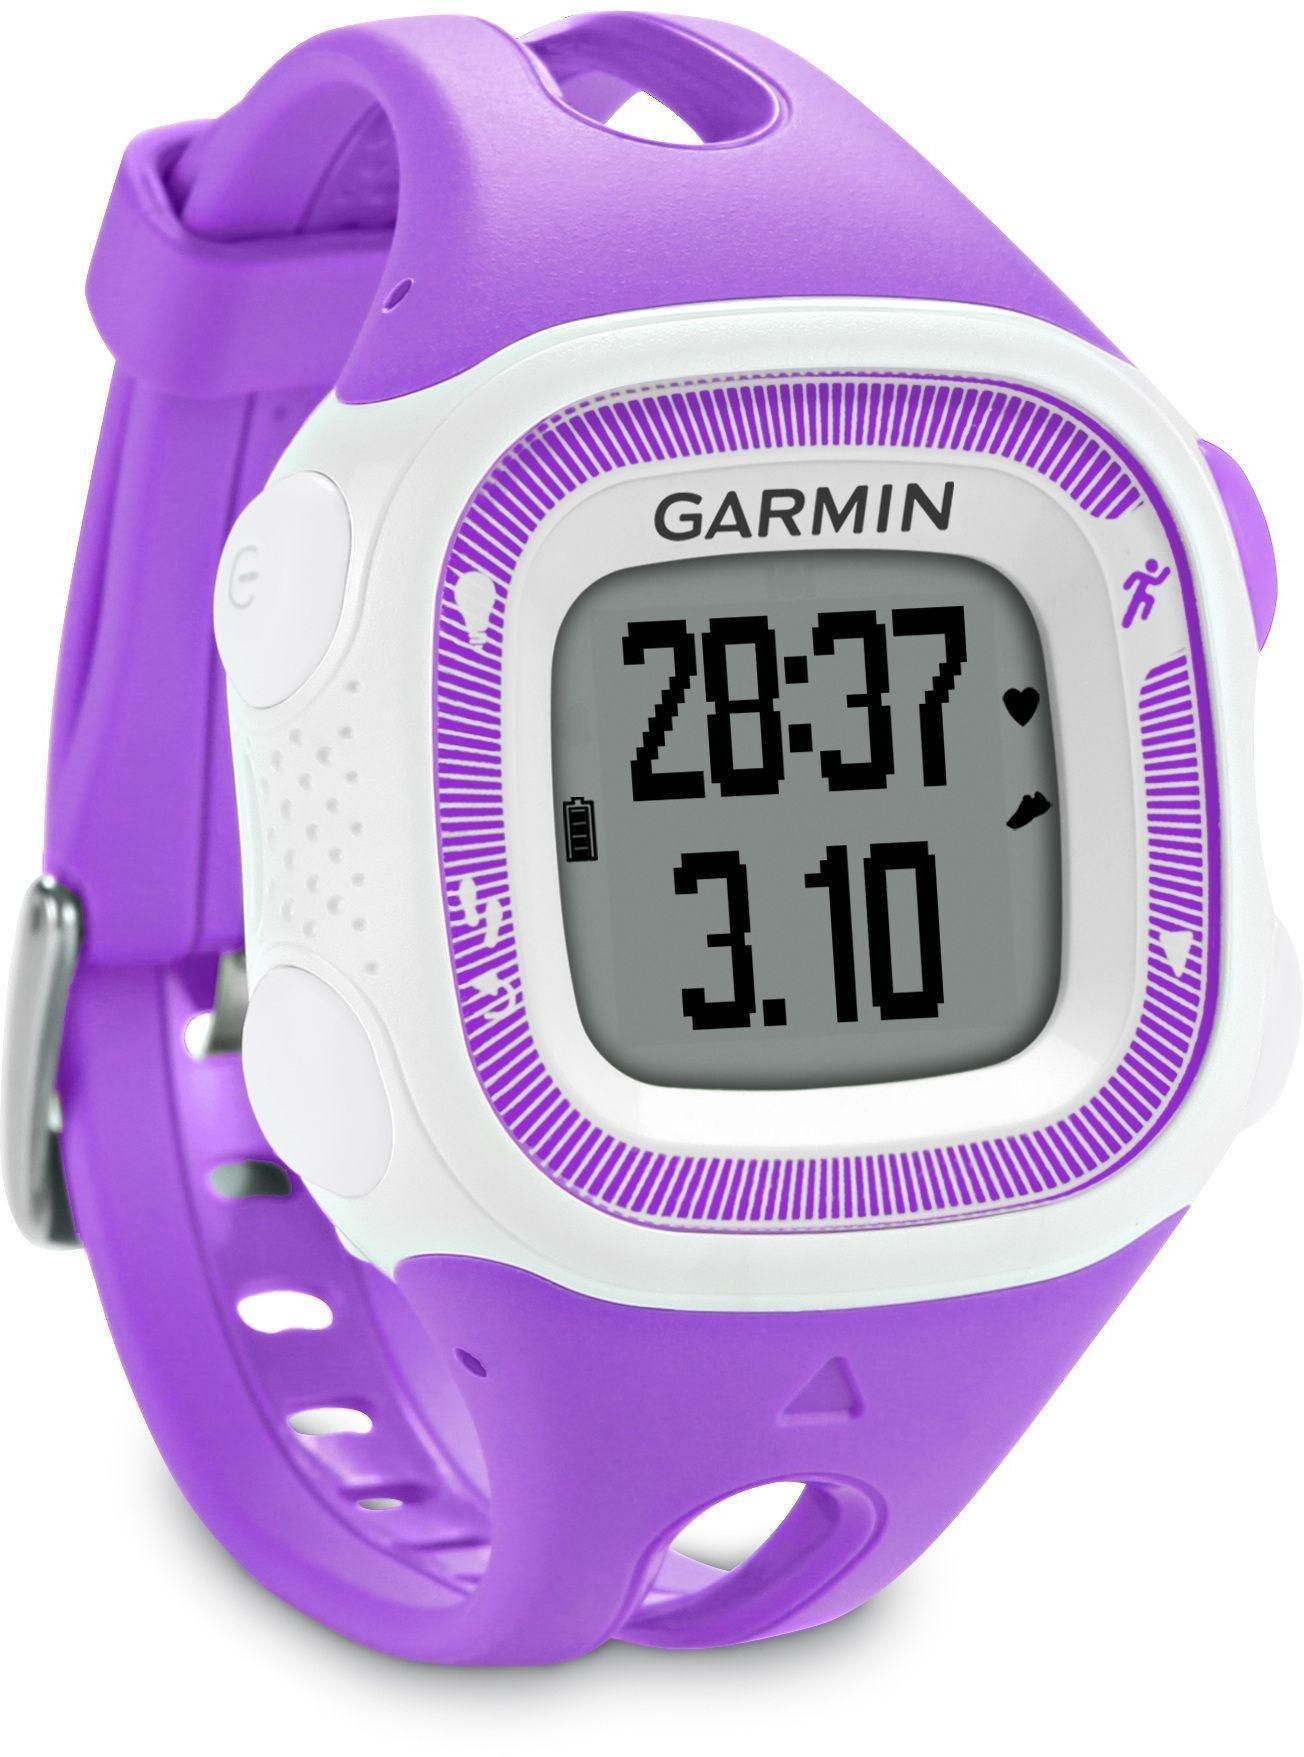 Garmin Garmin Forerunner 15 GPS Running Watch - Purple/White.